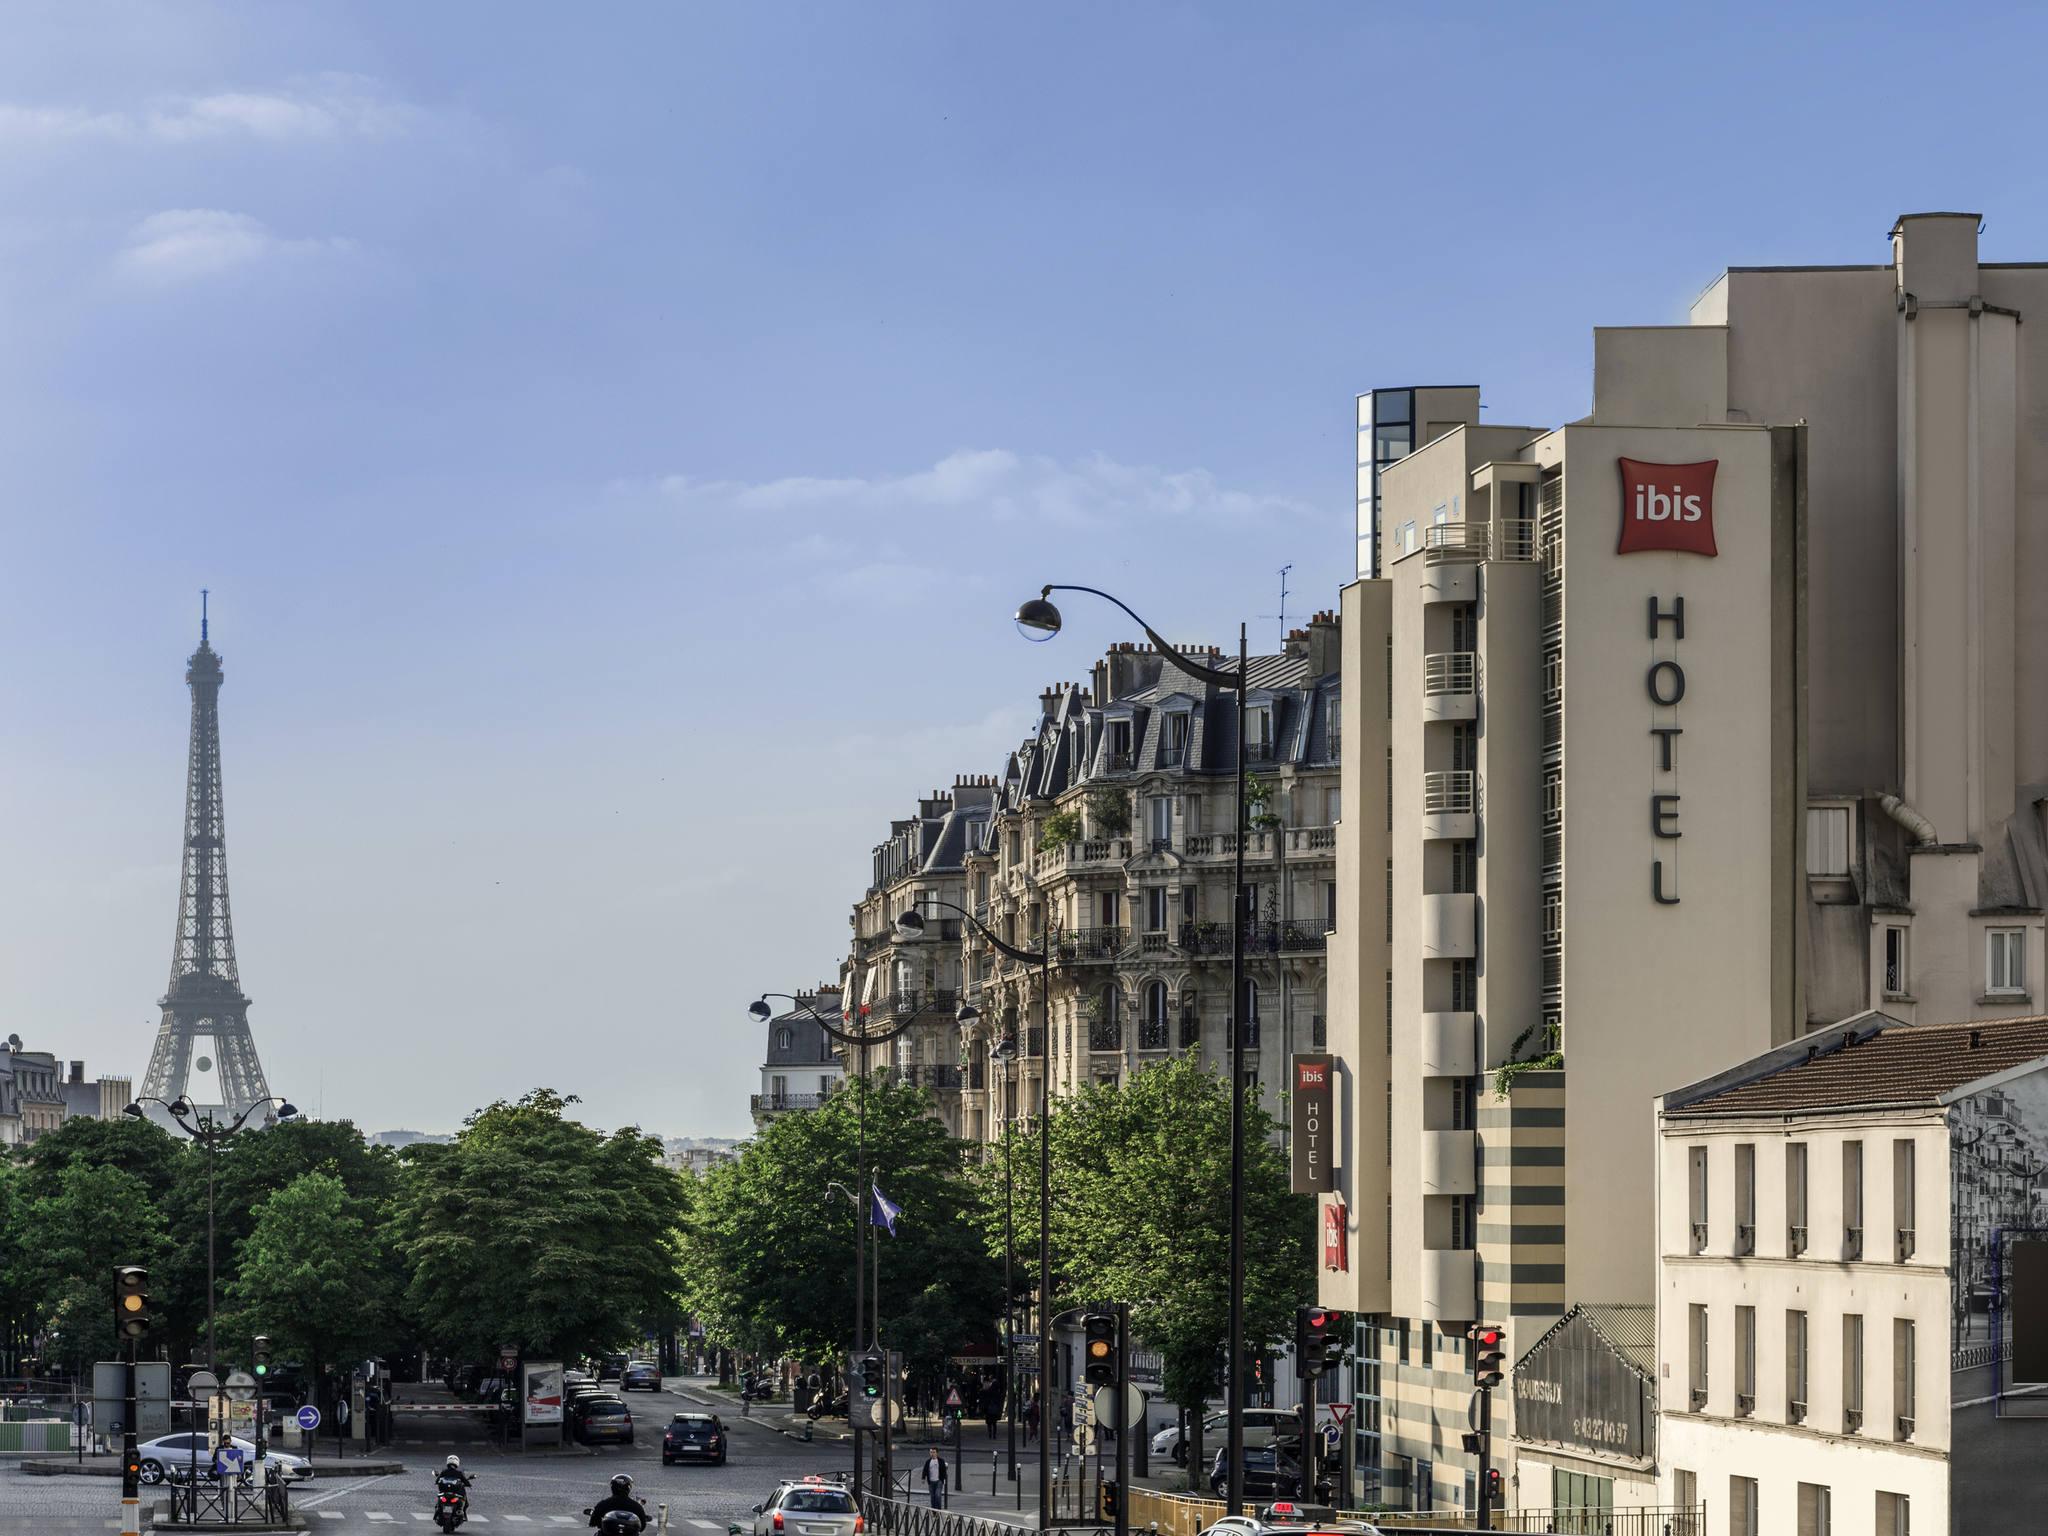 Otel – ibis Paris Montparnasse İstasyonu 15. Bölge